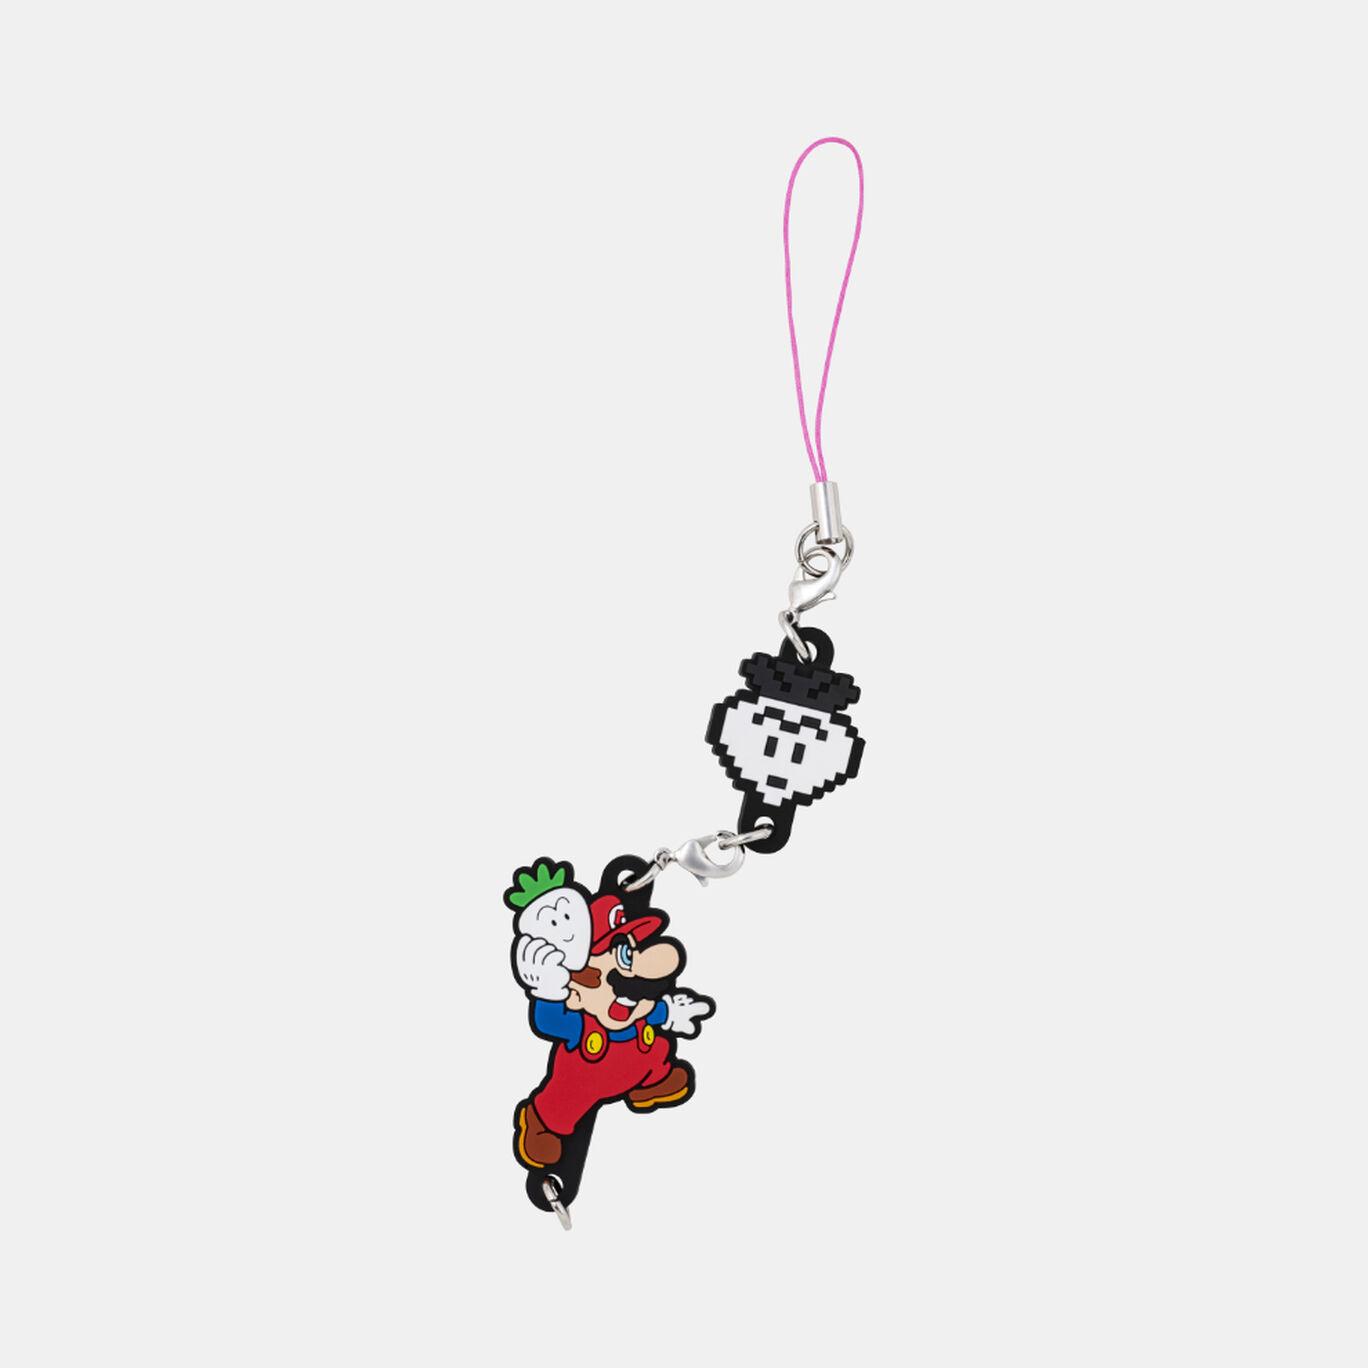 つながるラバーストラップ スーパーマリオUSA【Nintendo TOKYO取り扱い商品】